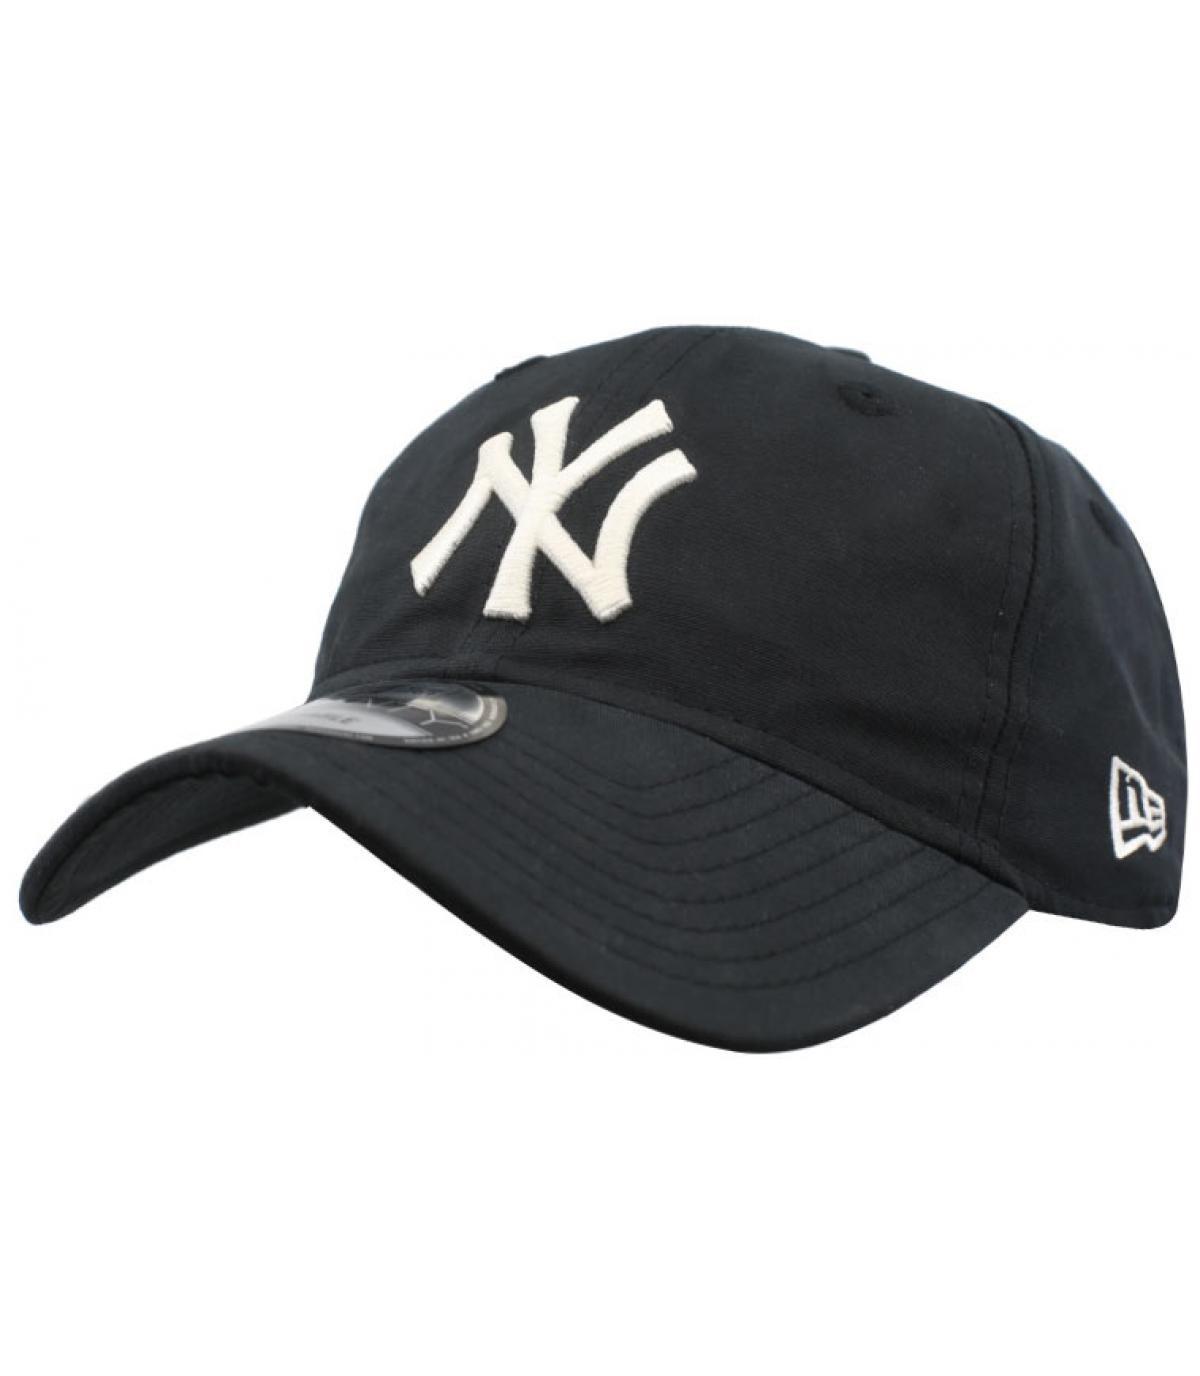 black packable NY cap - Light Wight Nylon Packable 9Twenty NY black ... a6f35855c4e